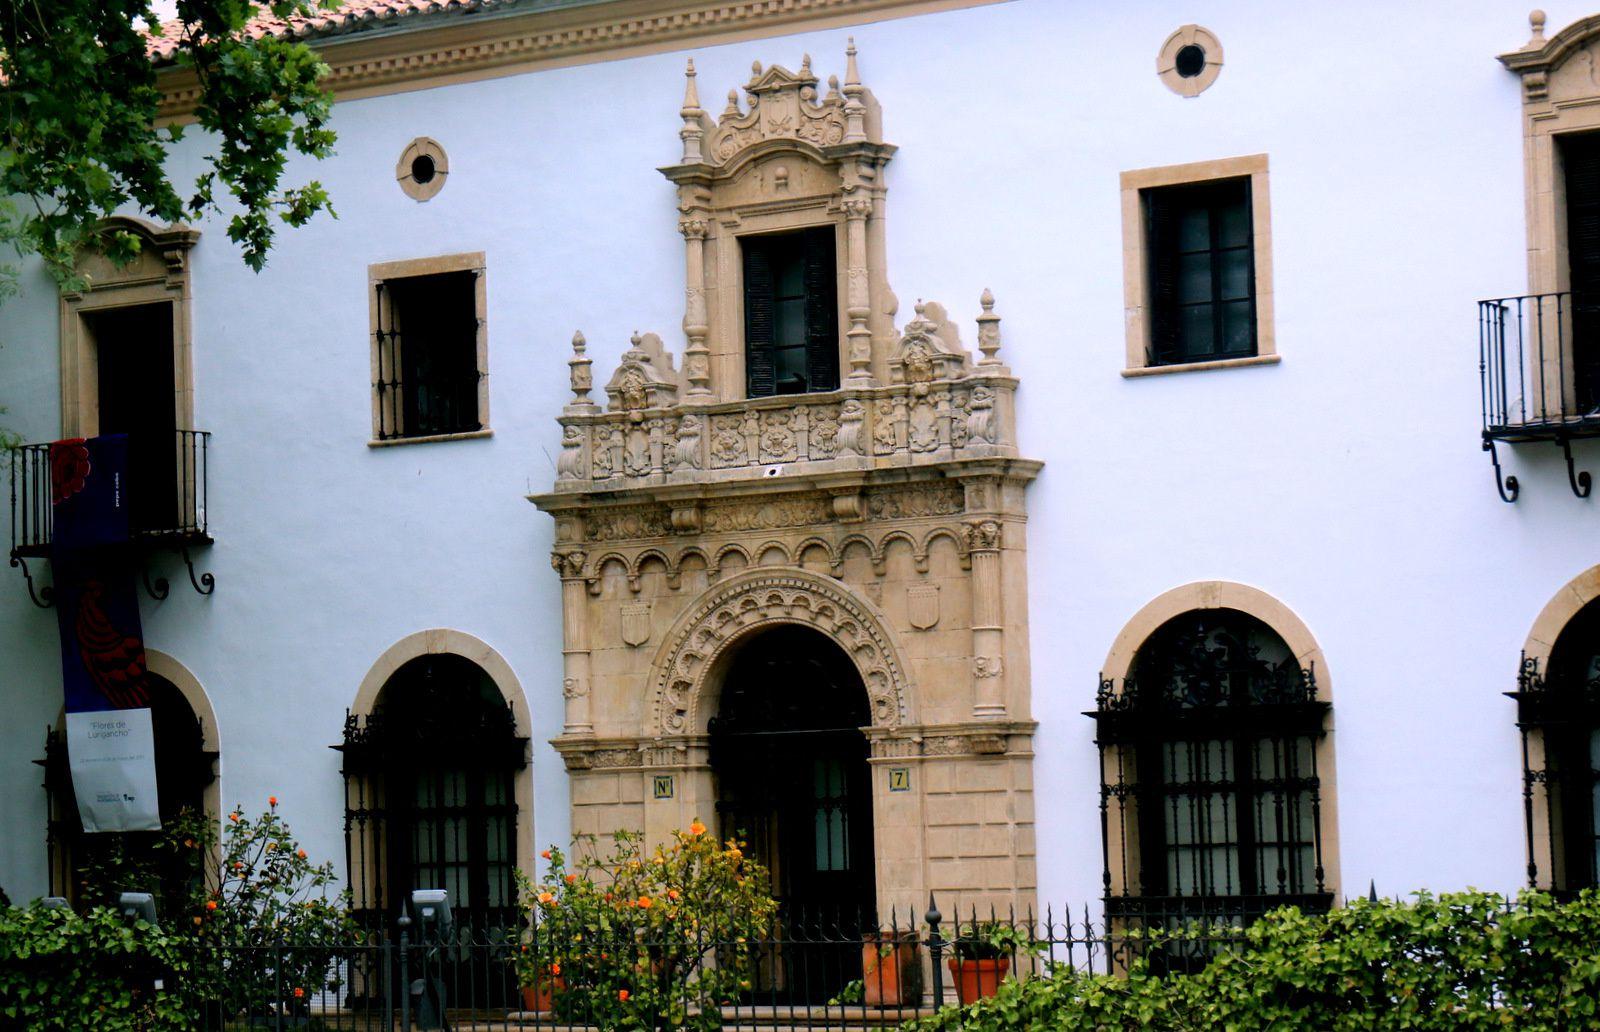 Pavillons de l'Exposition de 1929 à Séville (Andalousie)